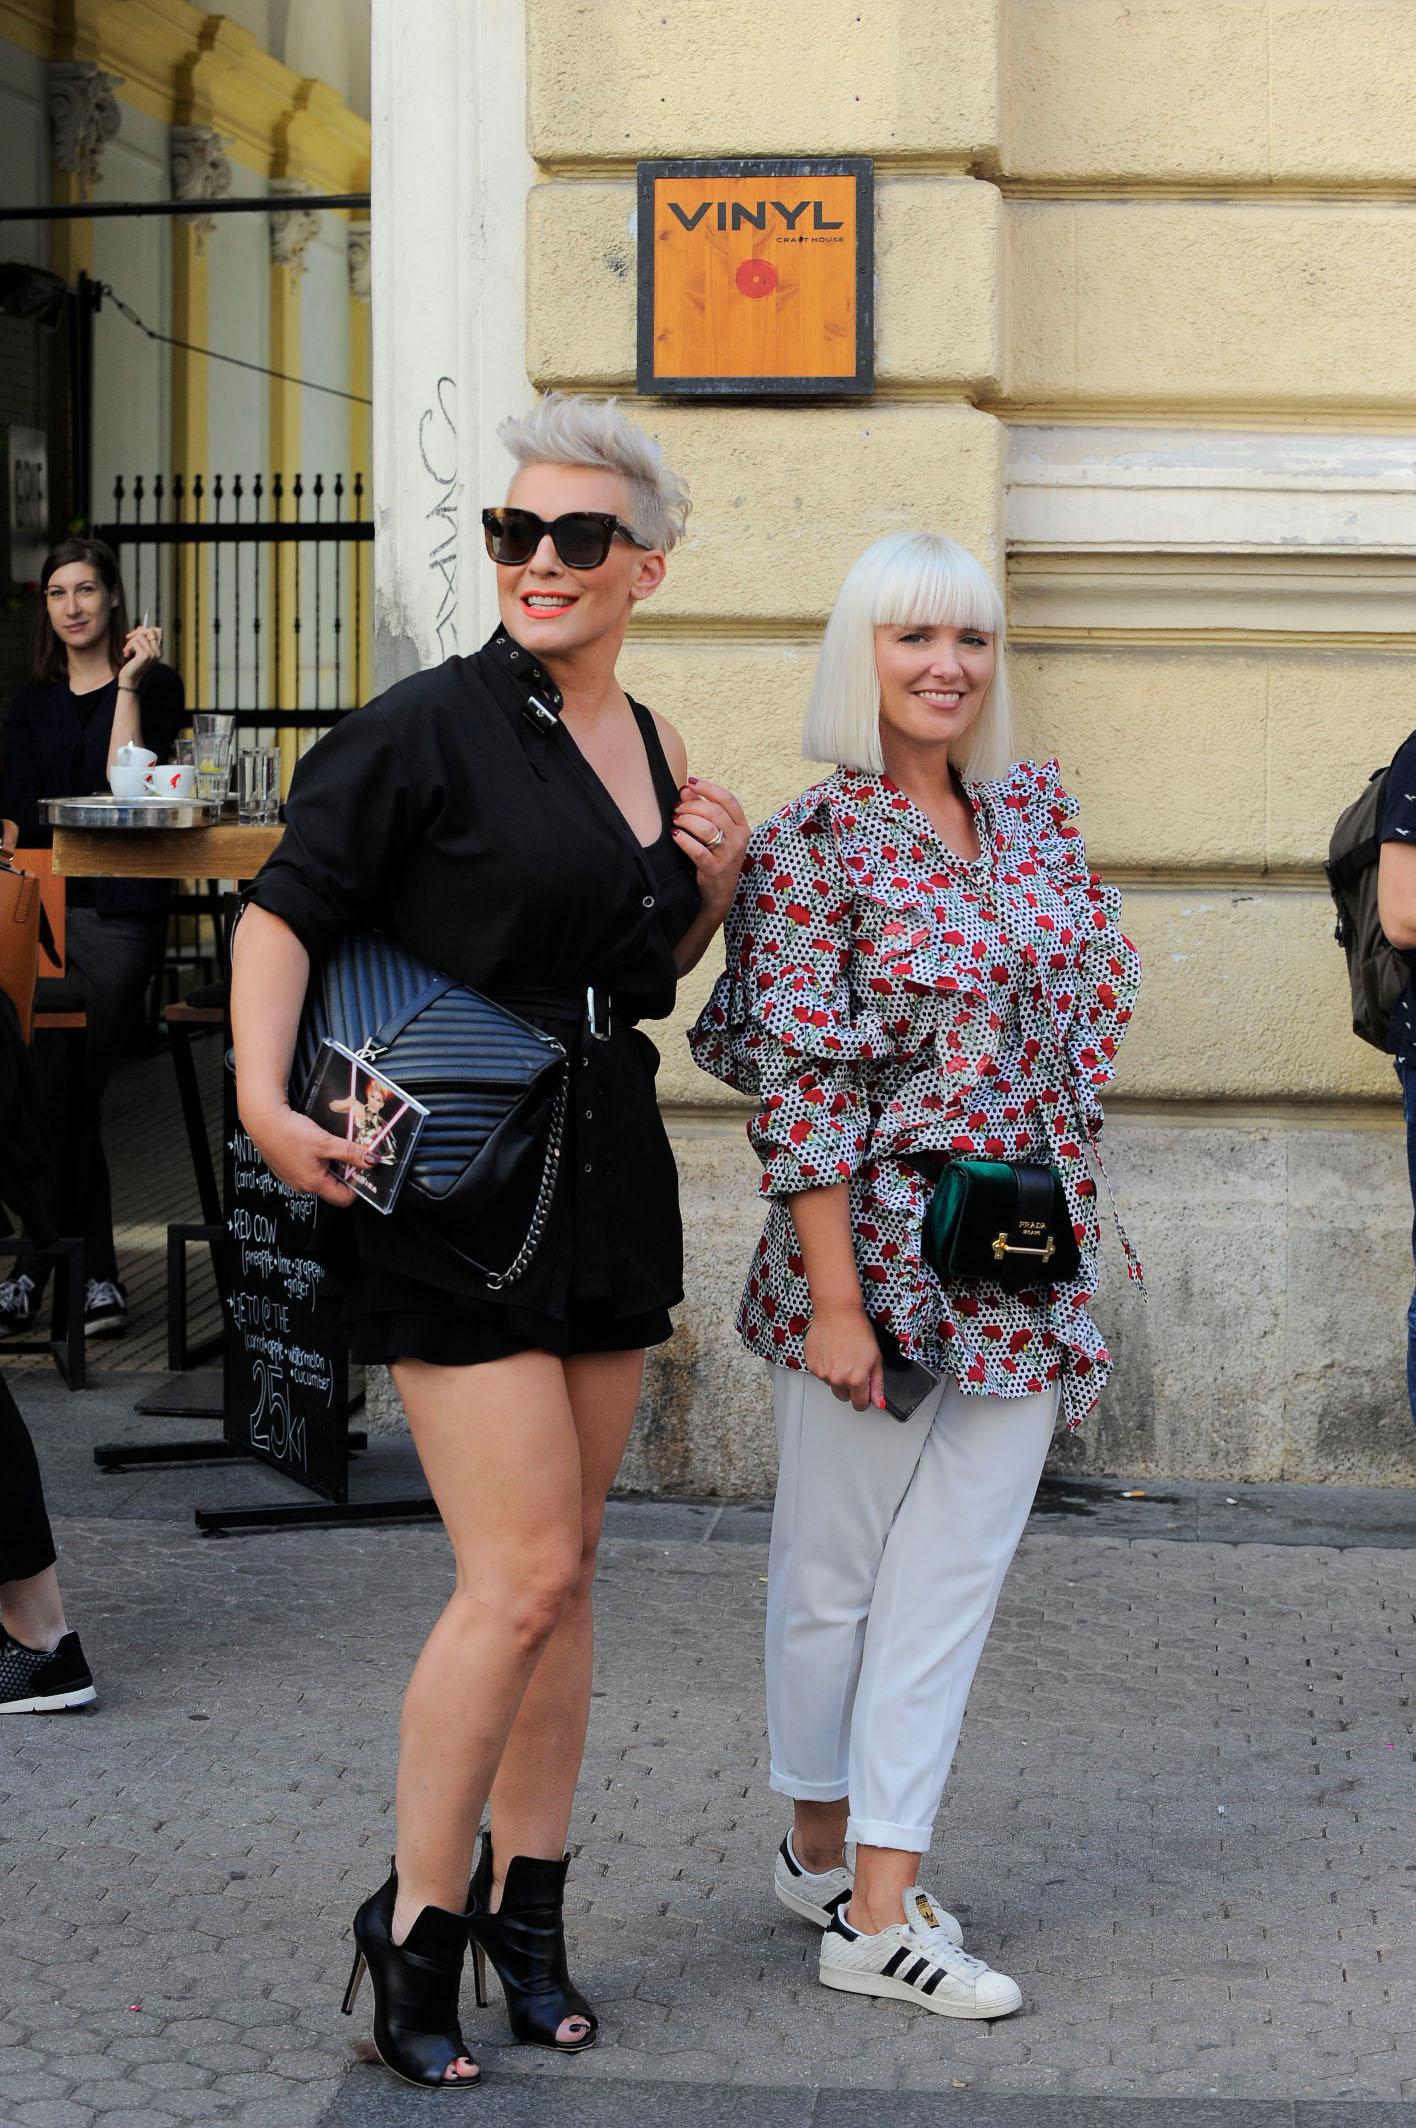 Spica / Zagreb 15.09.2018. / foto: Maja Jurovic / Indira Levak i Ines Preindl